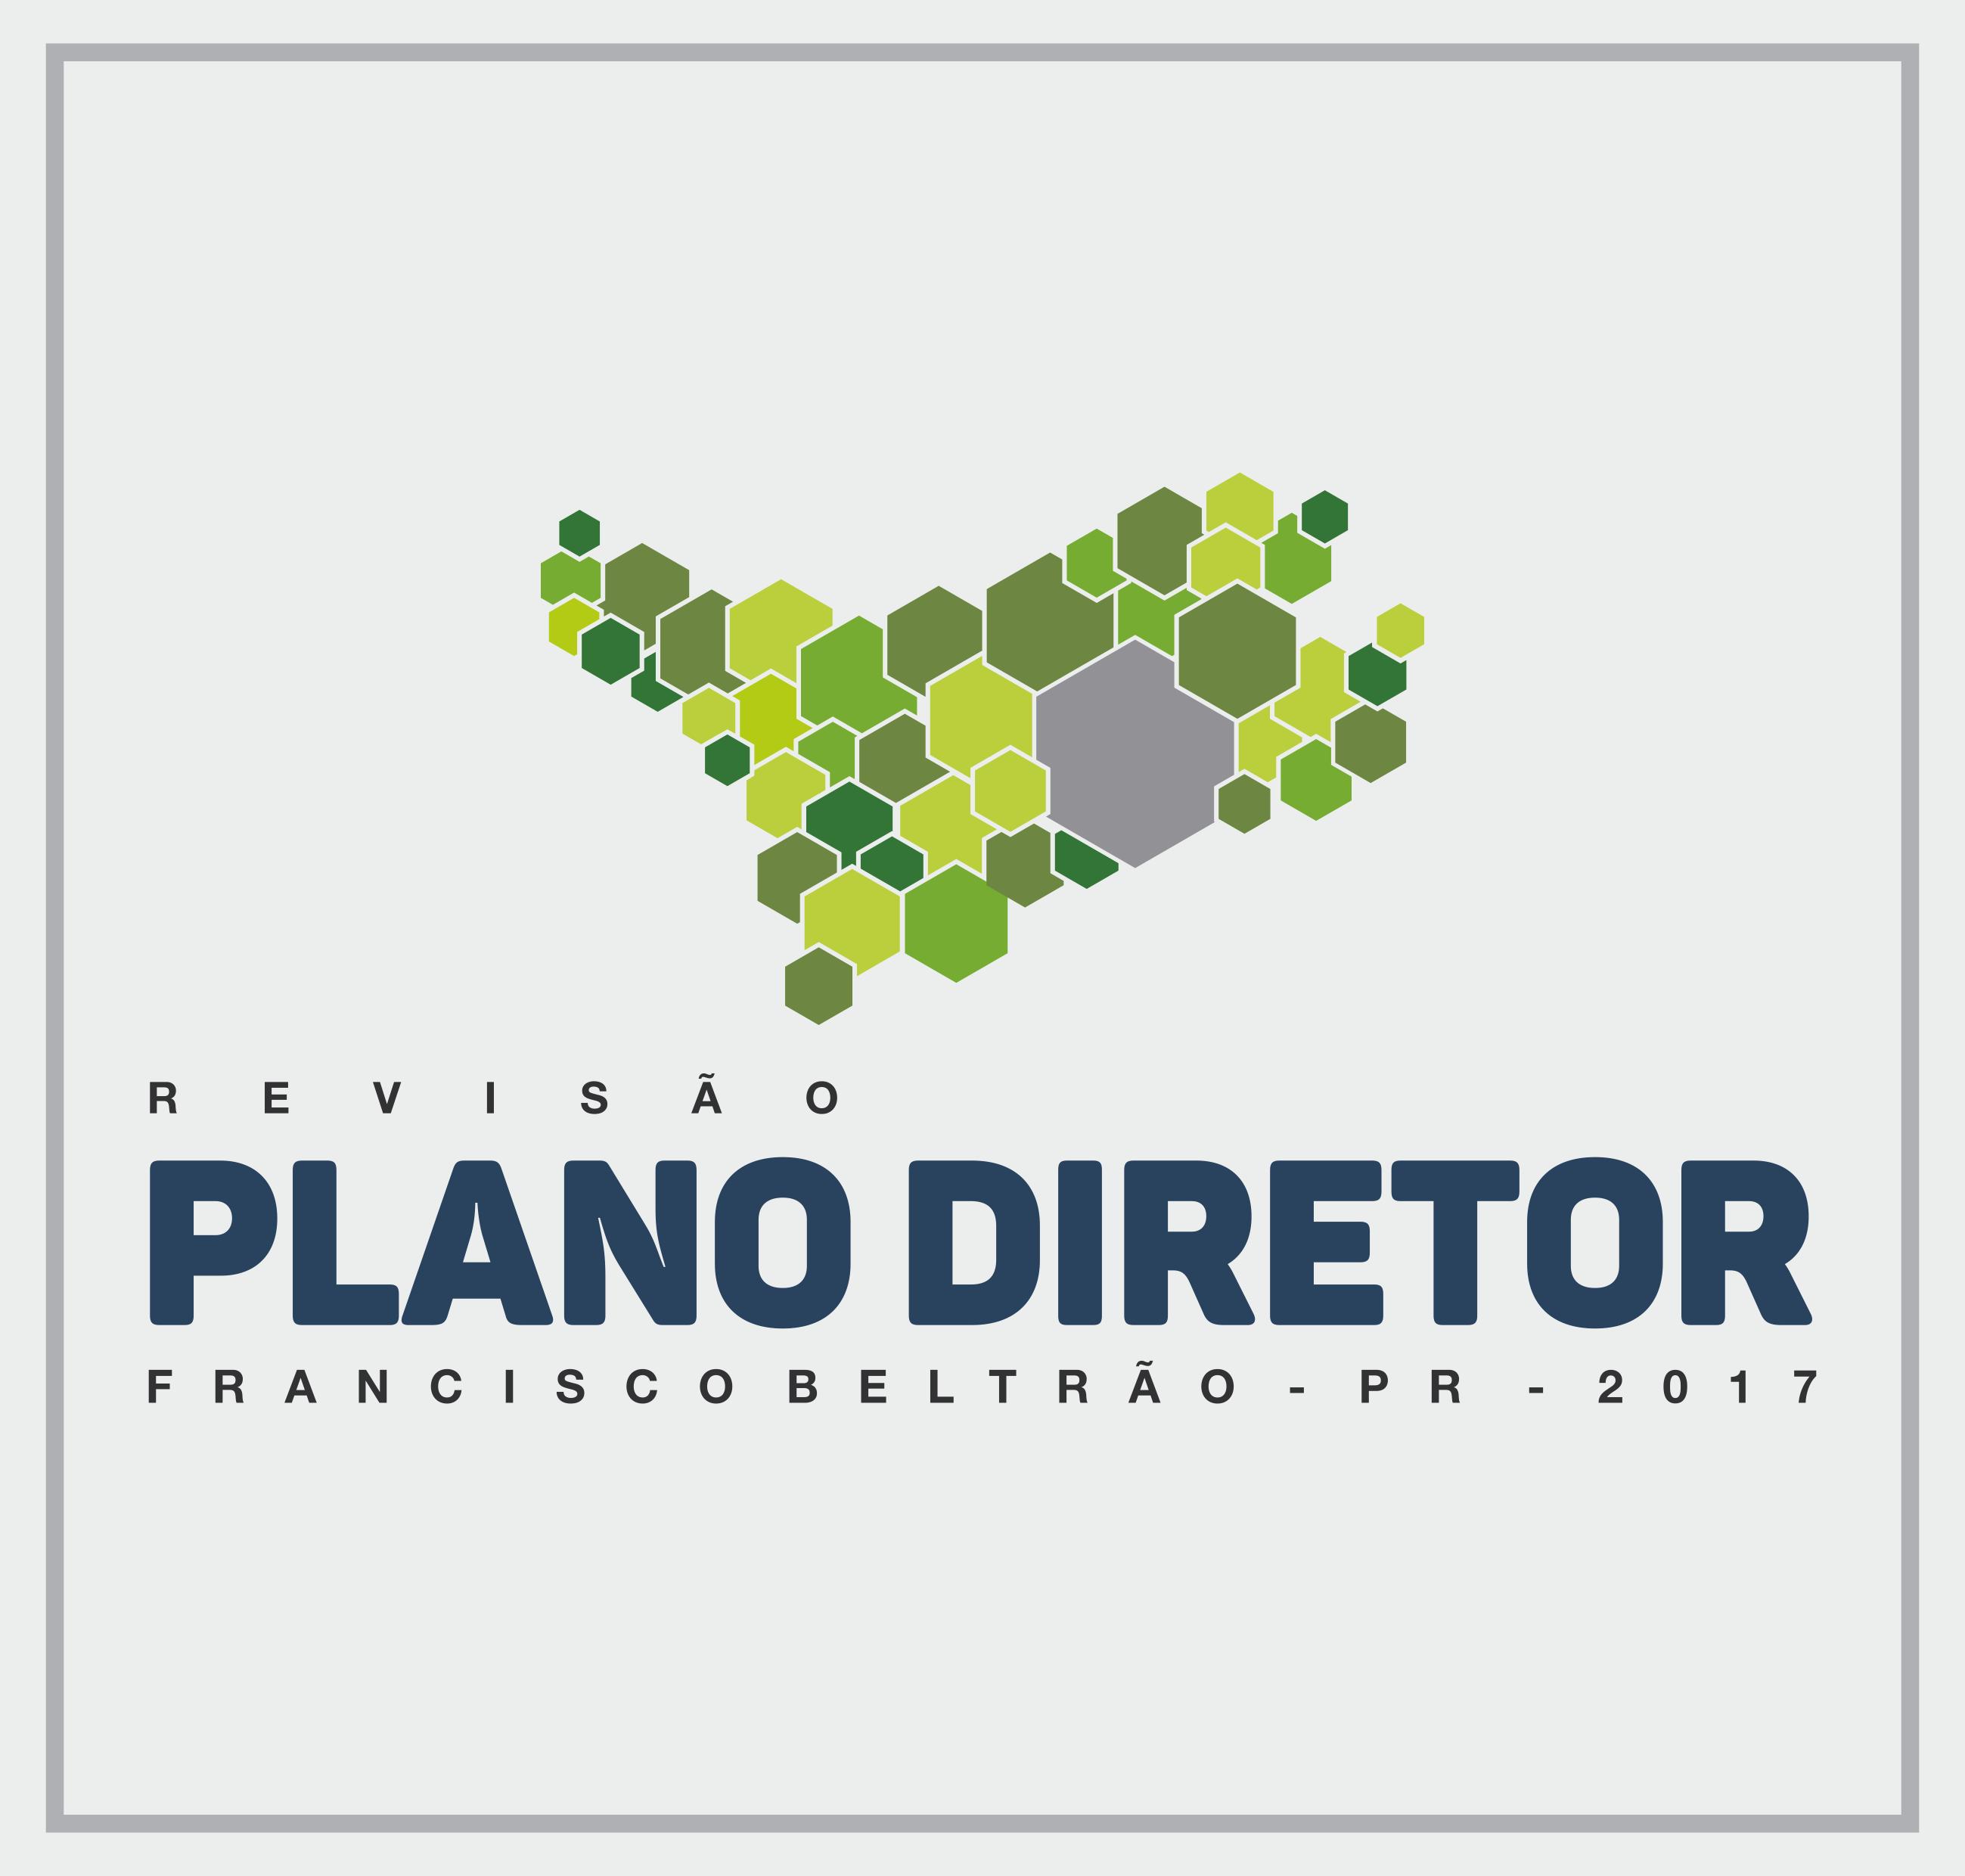 REVISÃO DO PLANO DIRETOR 2017